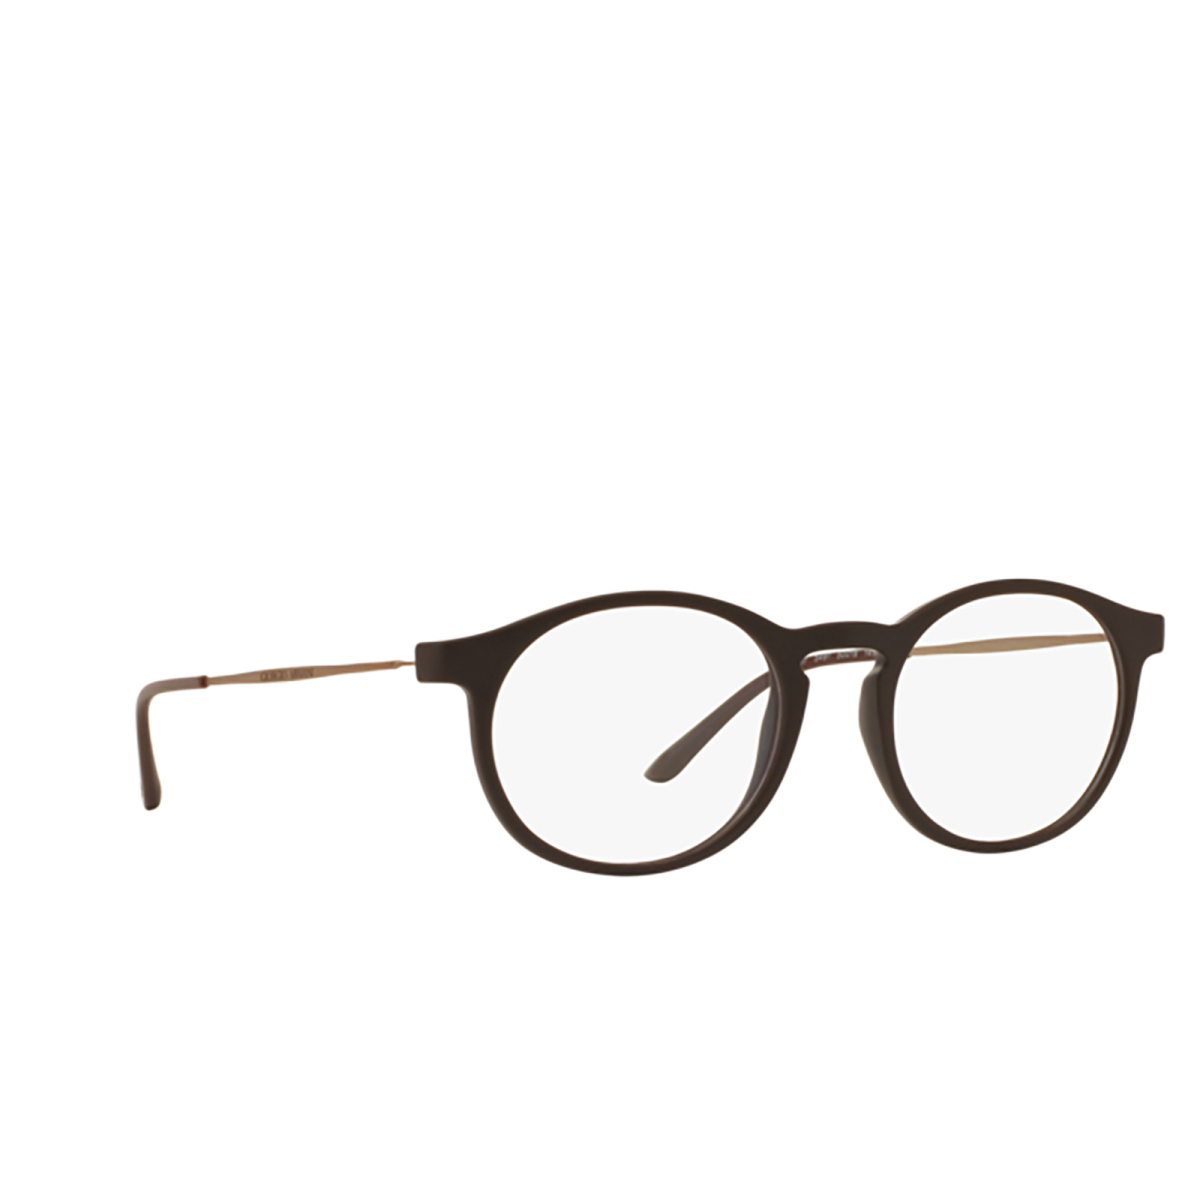 Giorgio Armani® Round Eyeglasses: AR7097 color 5491 - three-quarters view.